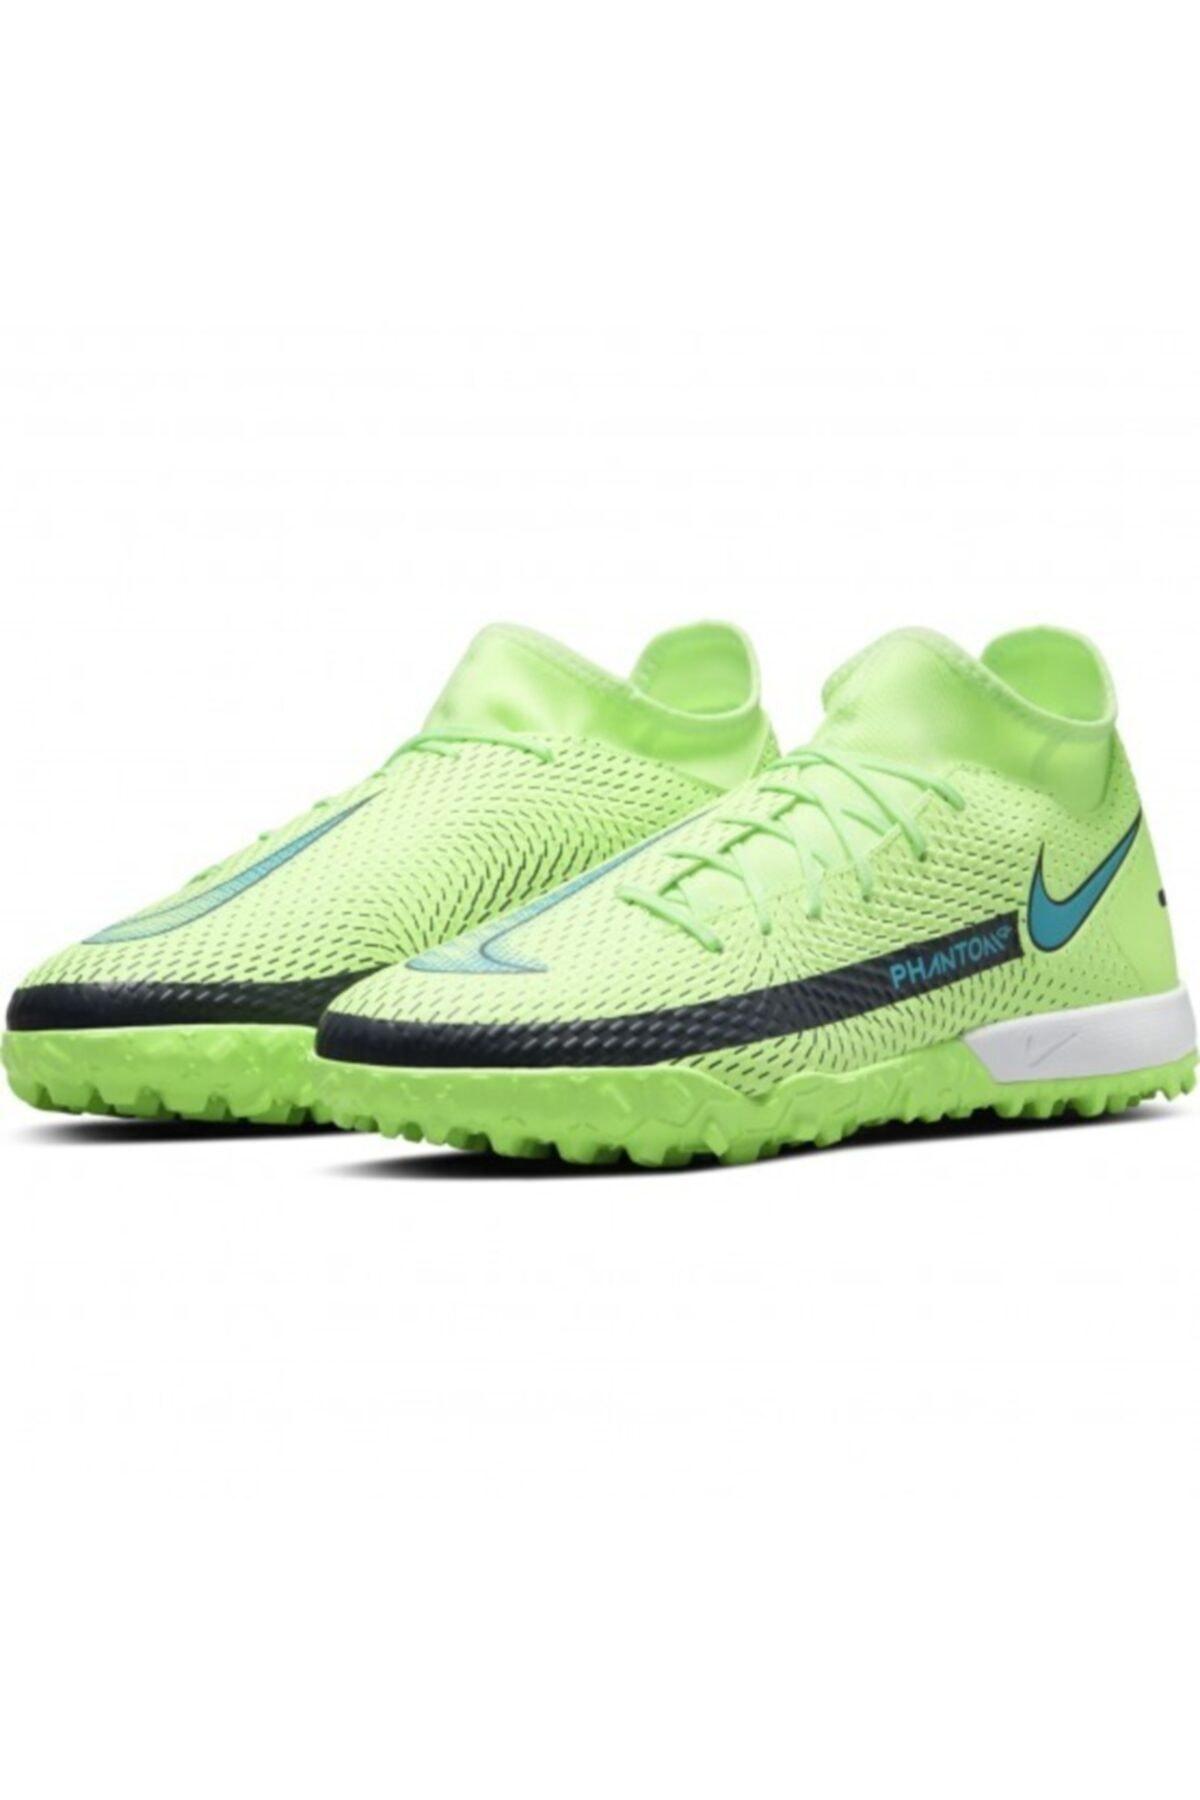 خرید نقدی کفش کتونی مردانه ترک  برند Nike رنگ سبز کد ty114336222